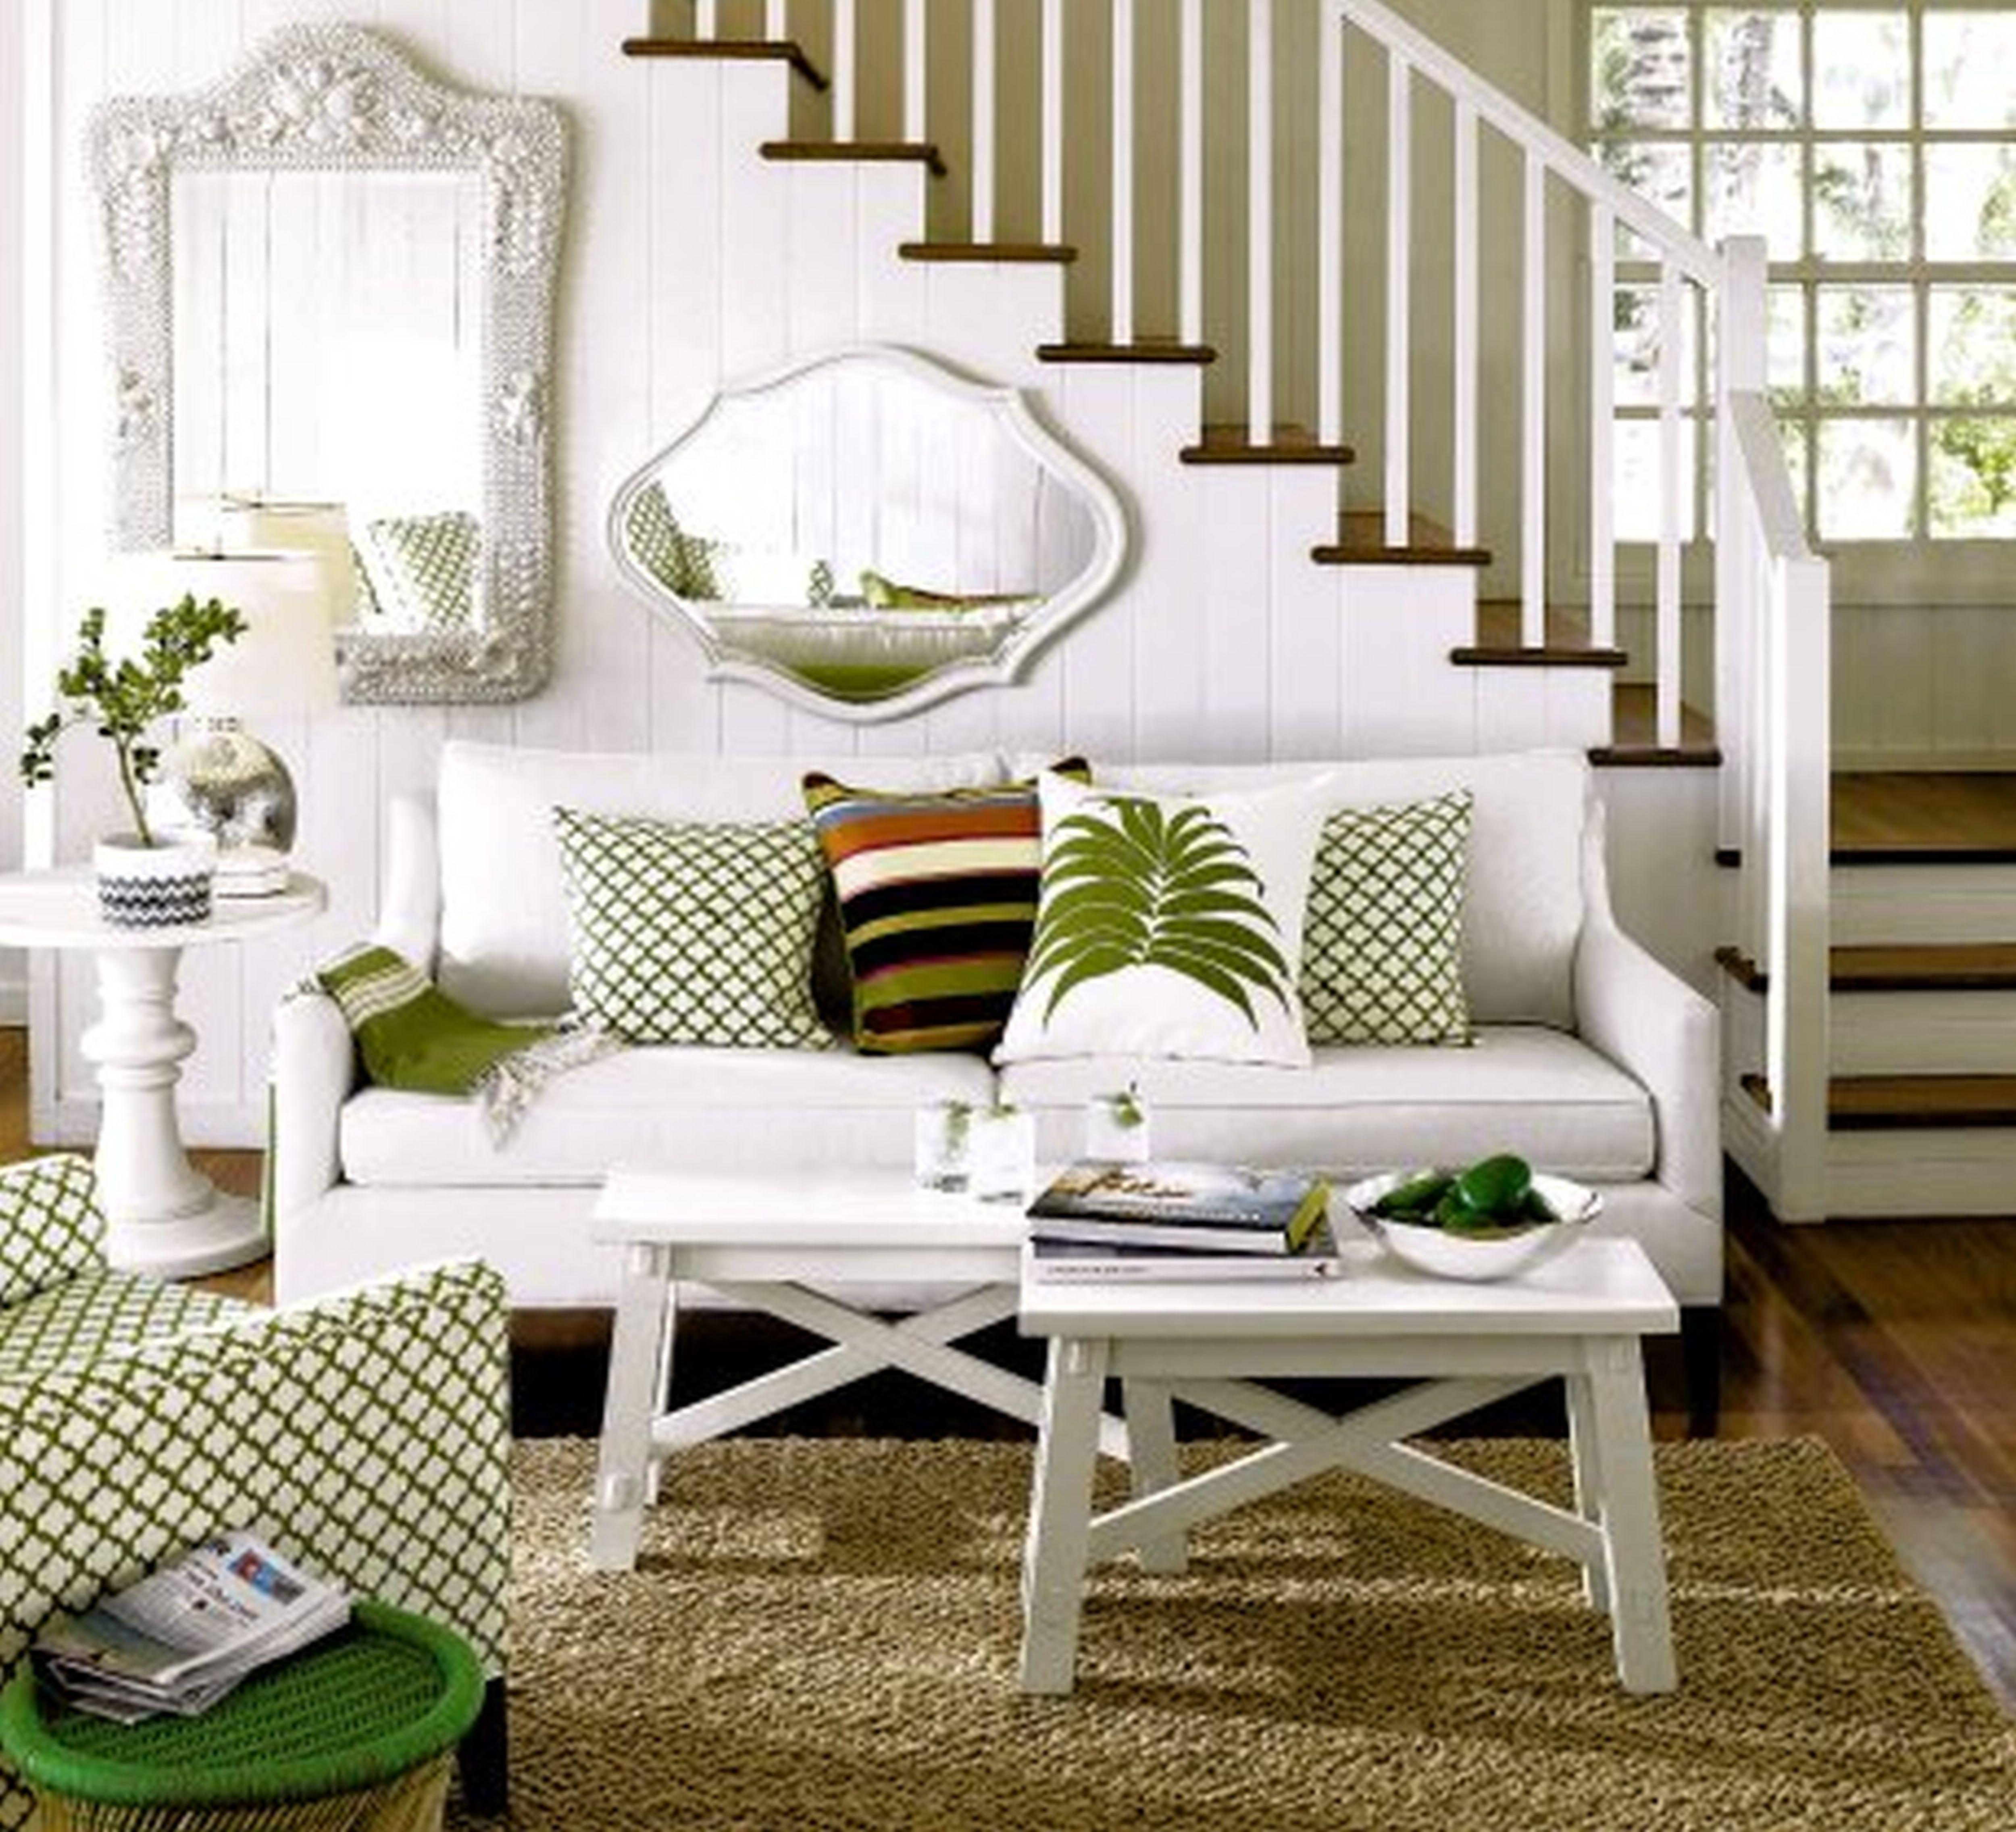 Interior House Decor Inspiration Graphic Interior House Decor Extraordinary Design Idea For Small Living Room Inspiration Design